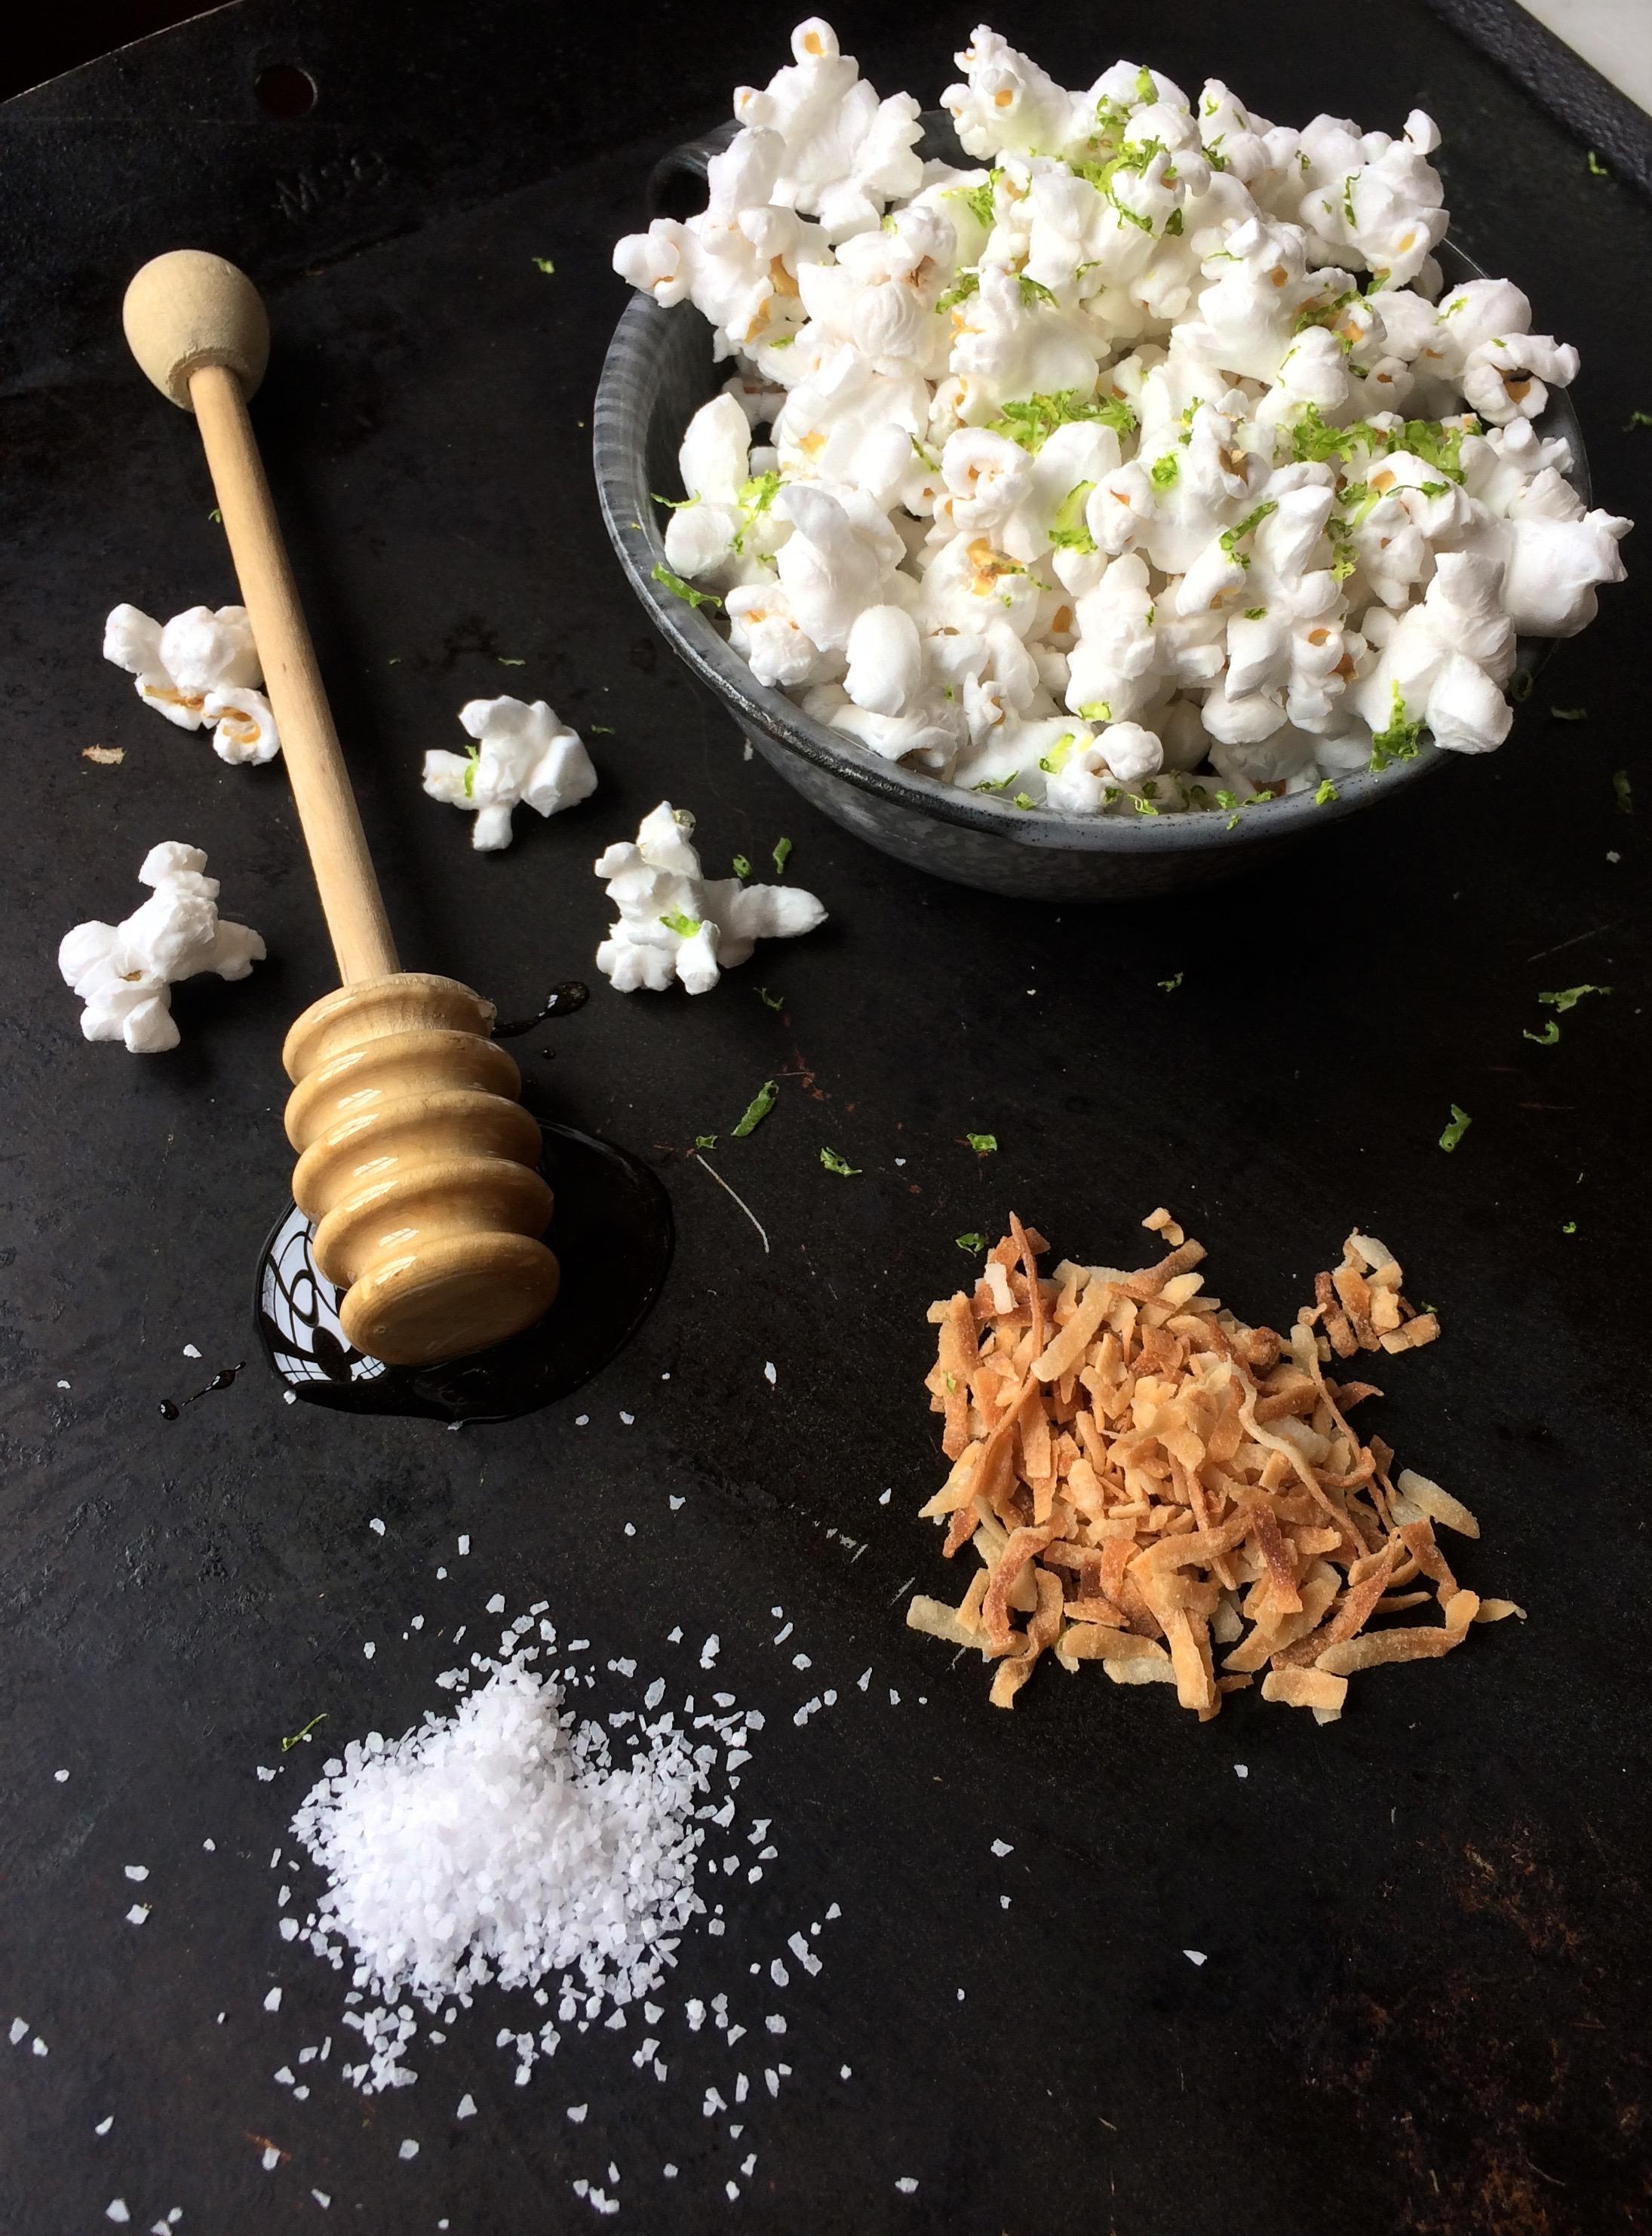 Margarita Popcorn | Zestful Kitchen